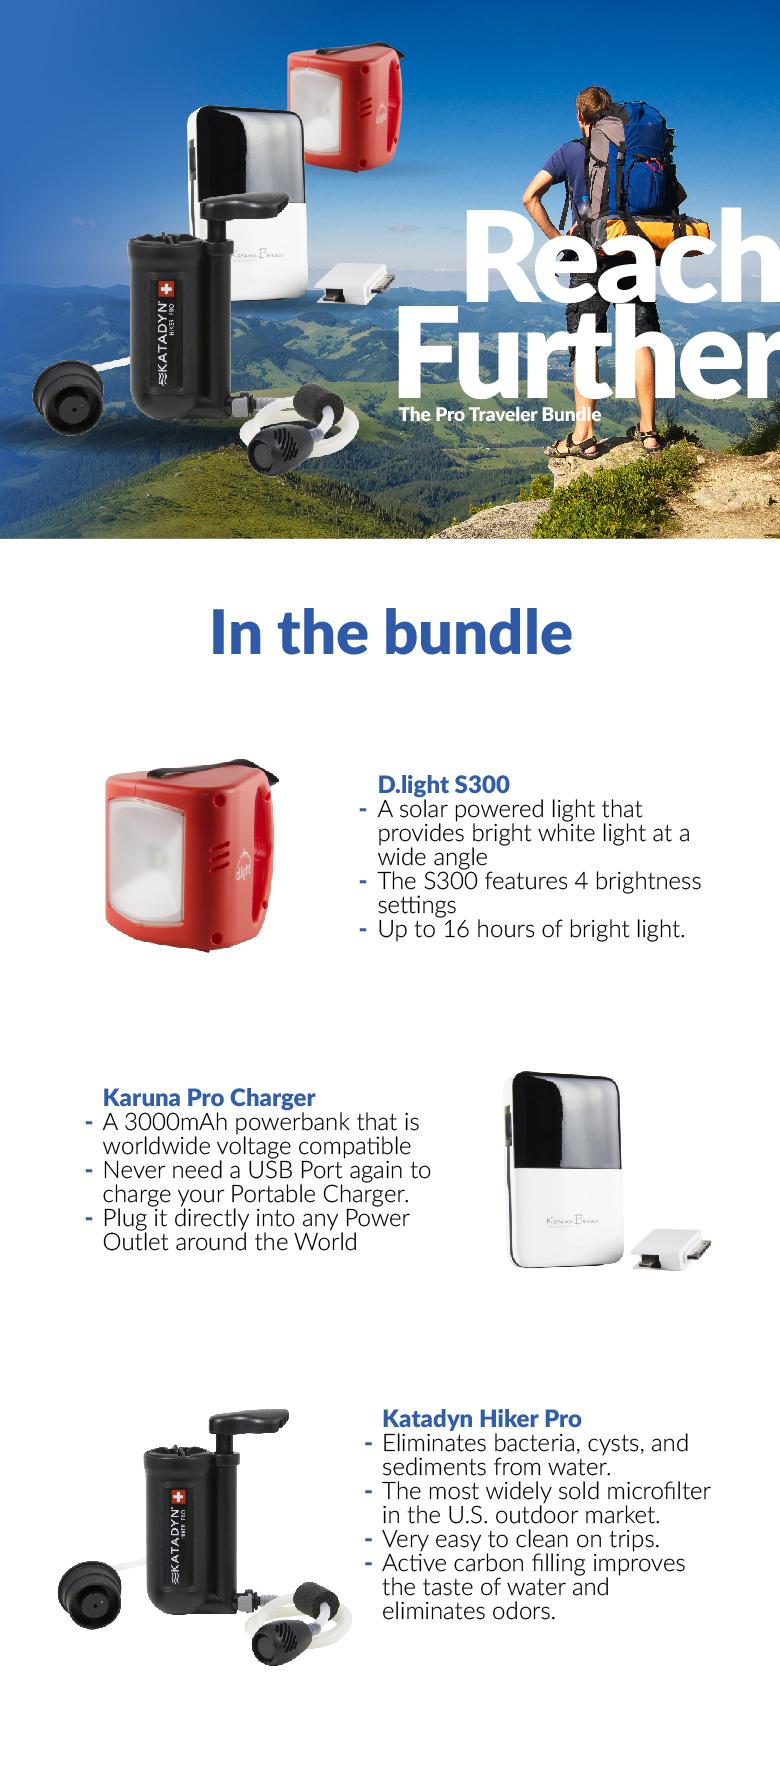 Pro Traveler Bundle